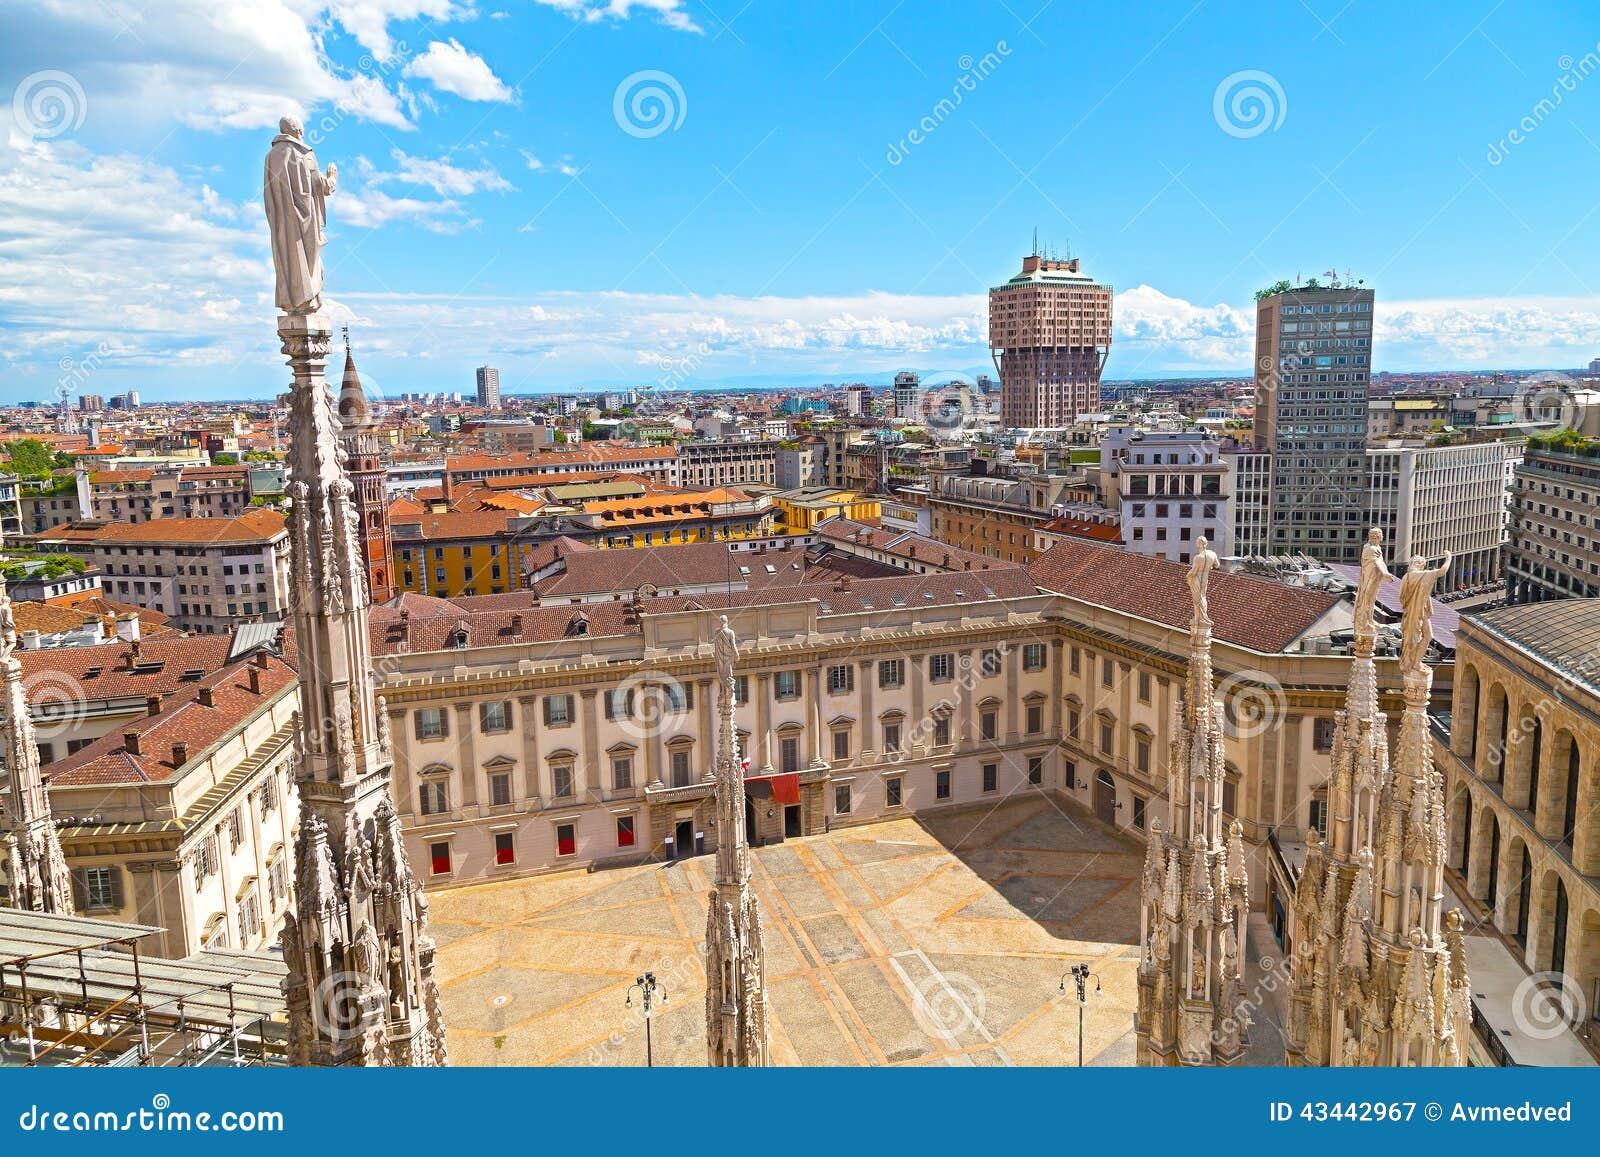 La cathédrale de Duomo avec des statues et place interne à Milan, Italie